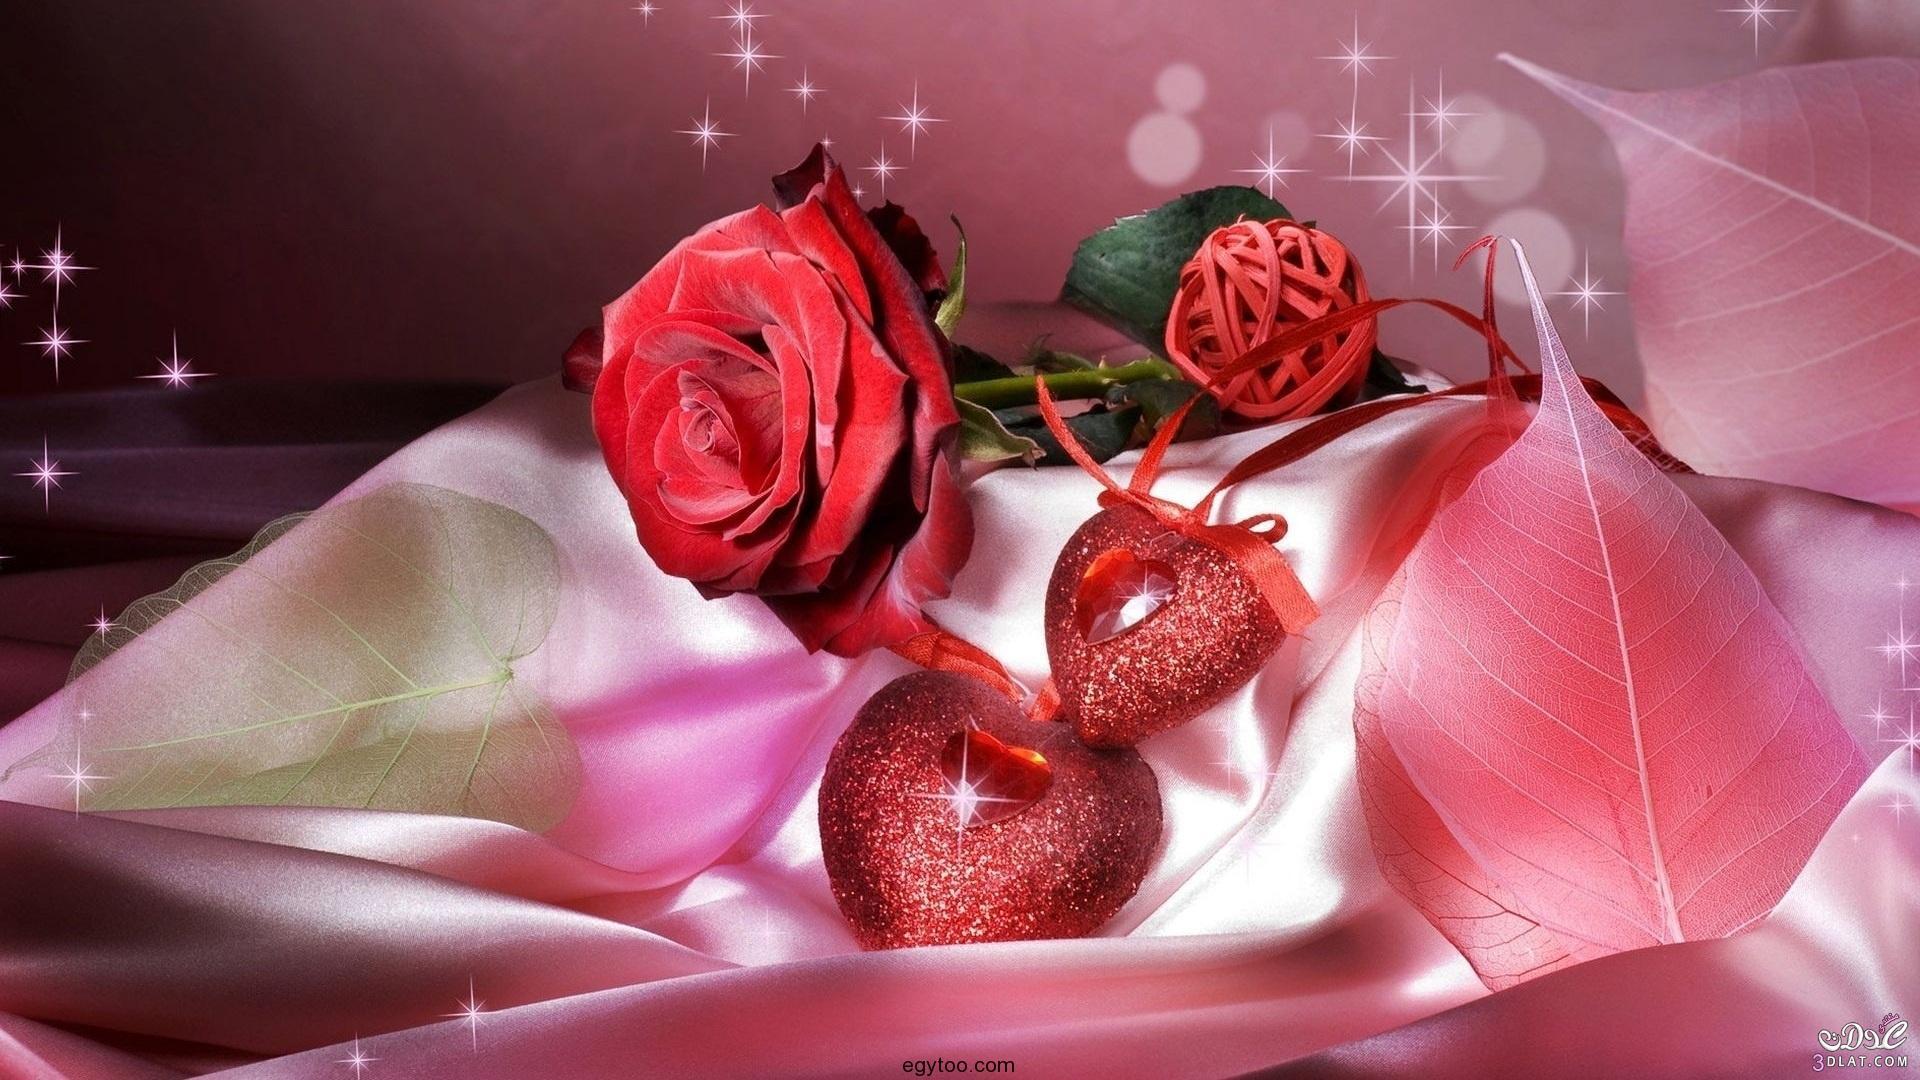 بالصور صور حب جديده , اجدد واجمل الصور الرومانسية 4368 4